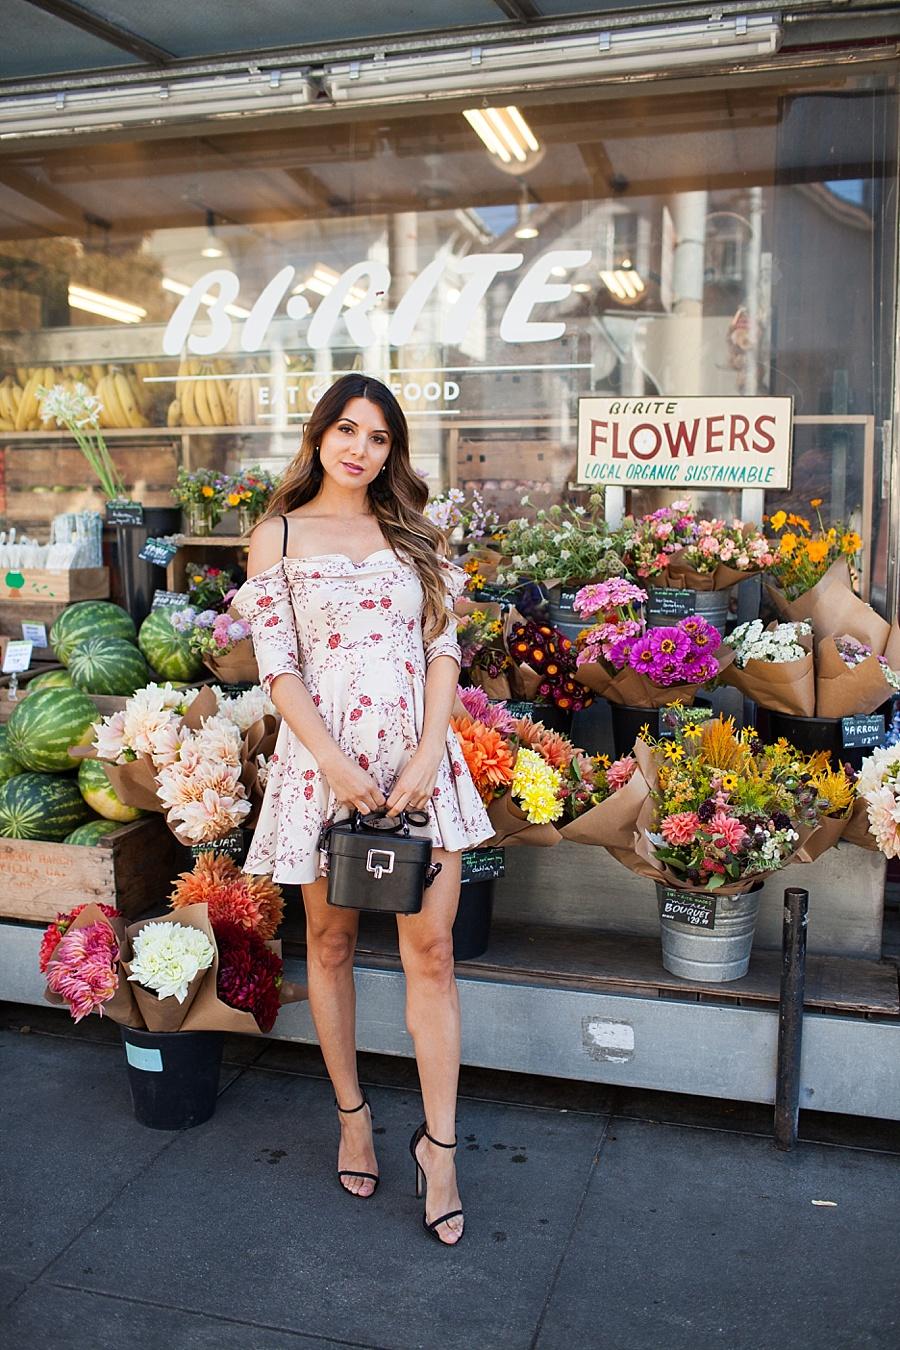 sanfranciscobloggerflowershop_0234.jpg